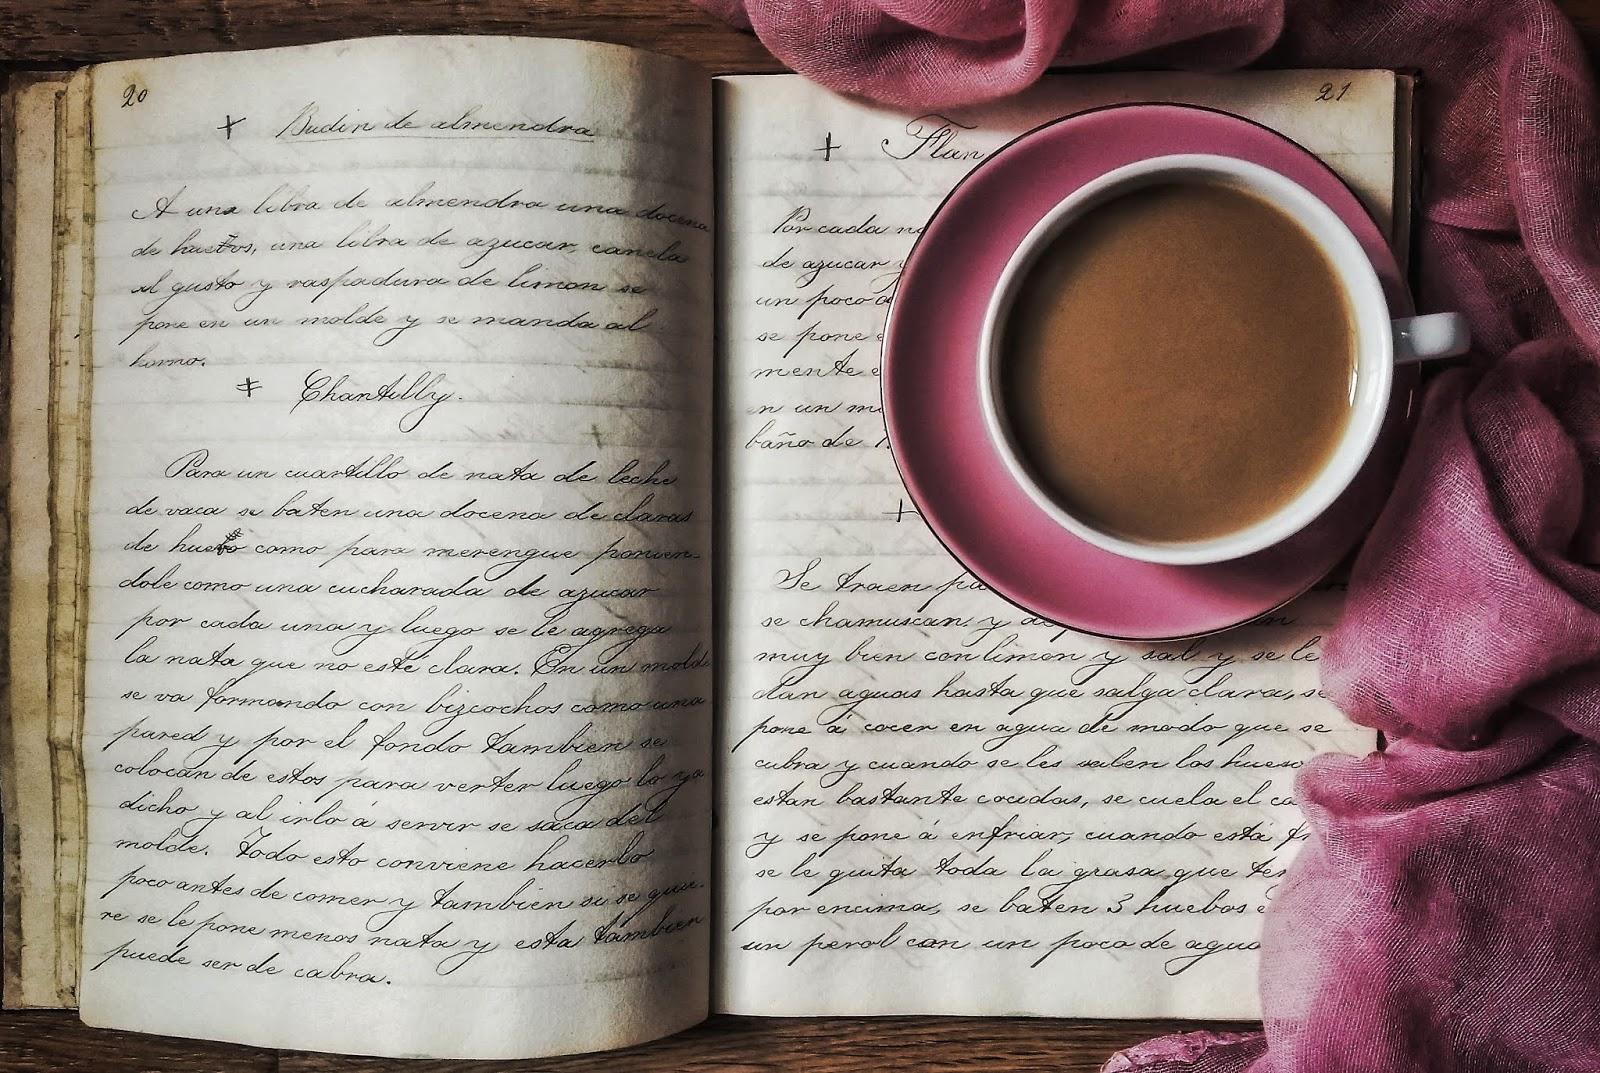 Mi café - Como disfrutar del café perfecto - TuvesyyoHago